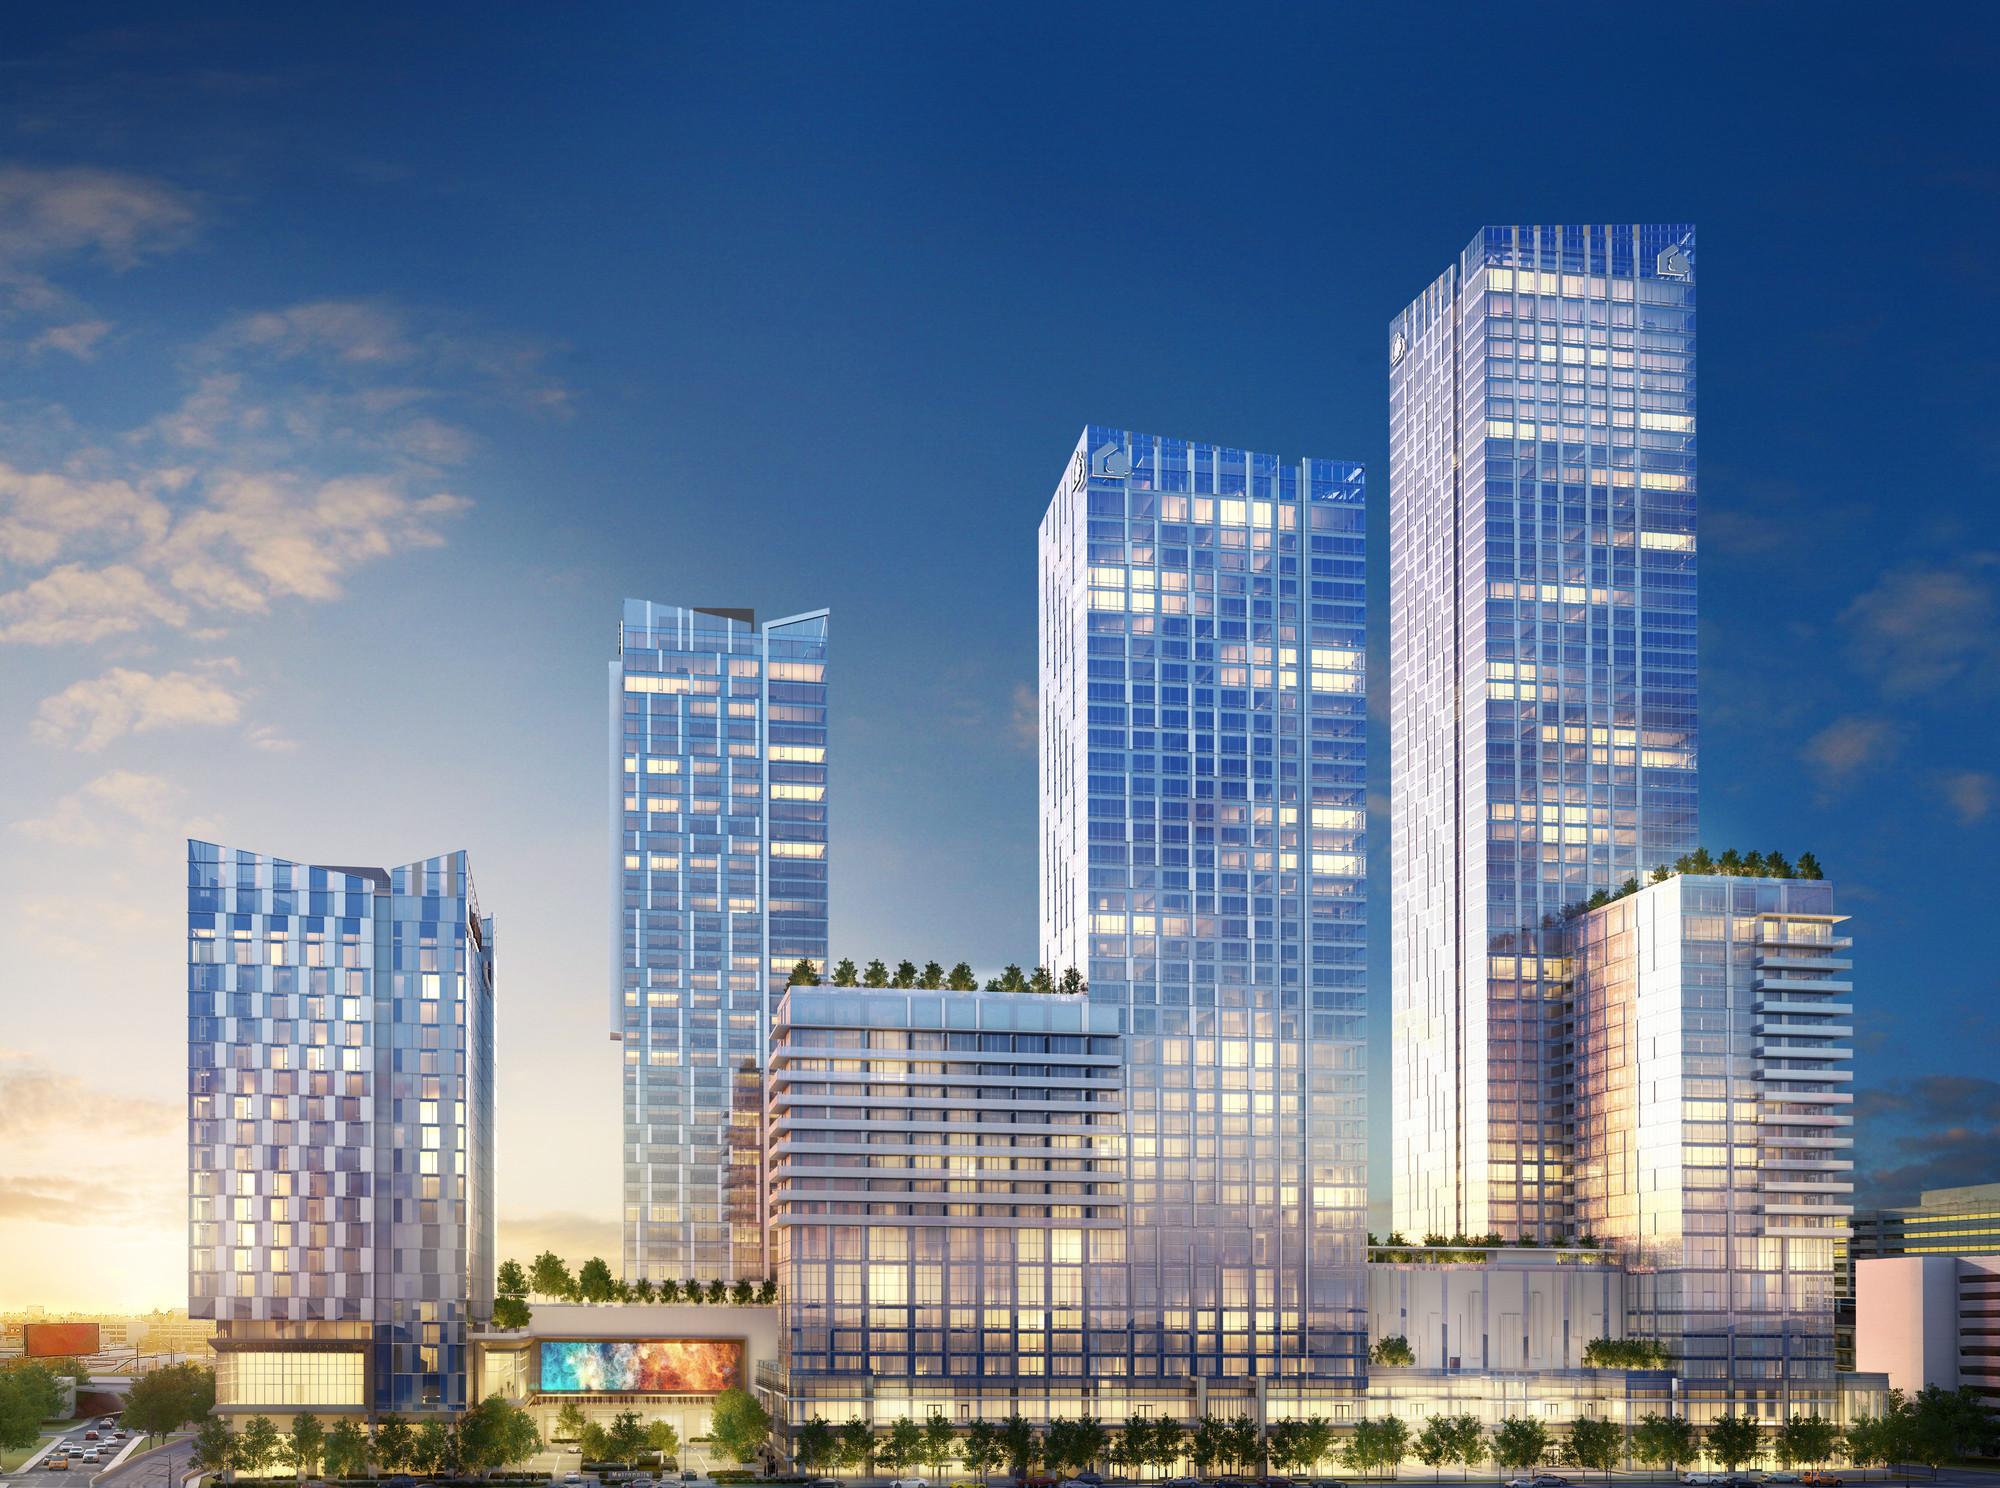 metropolis_rendering2.png.jpg